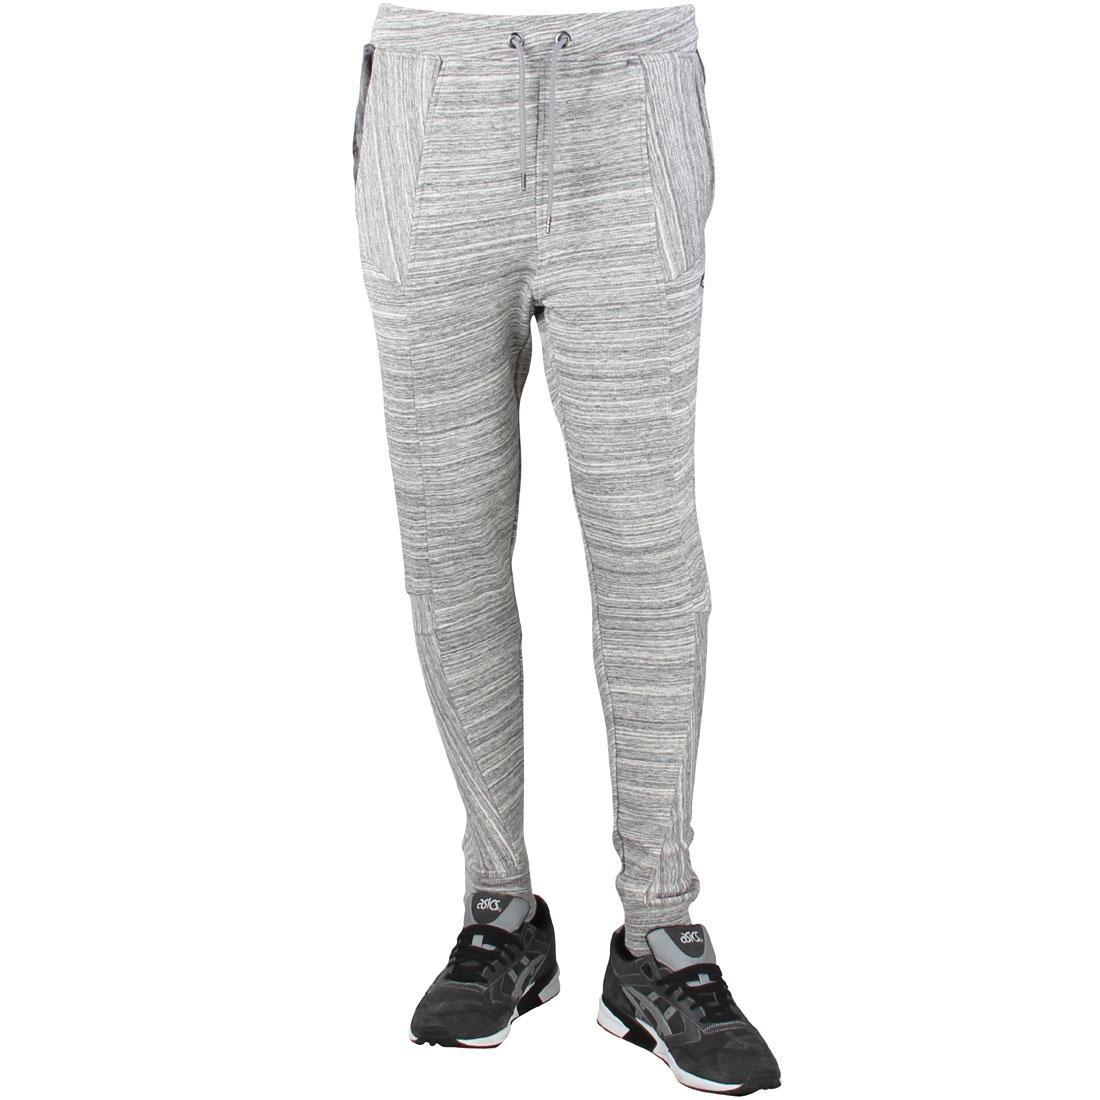 【海外限定】スウェット パンツ メンズファッション 【 SWEAT STAPLE MEN EXPEDITION PANTS GRAY HEATHER 】